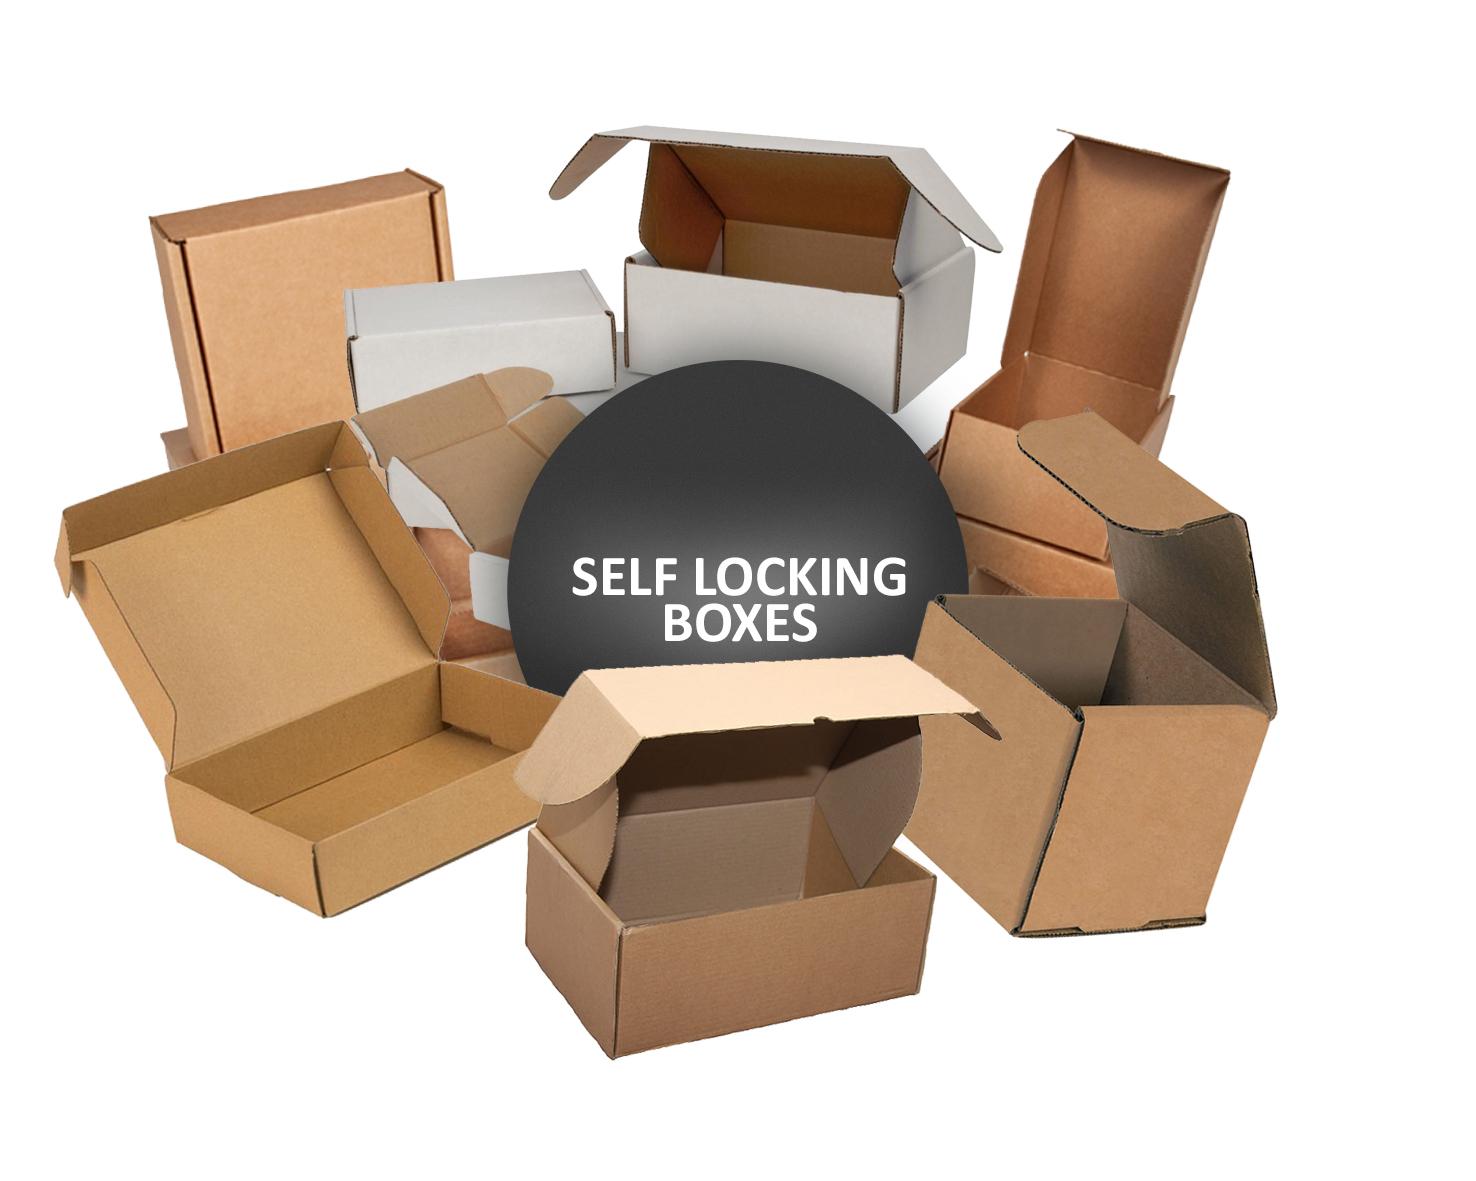 SELF LOCKING BOXES